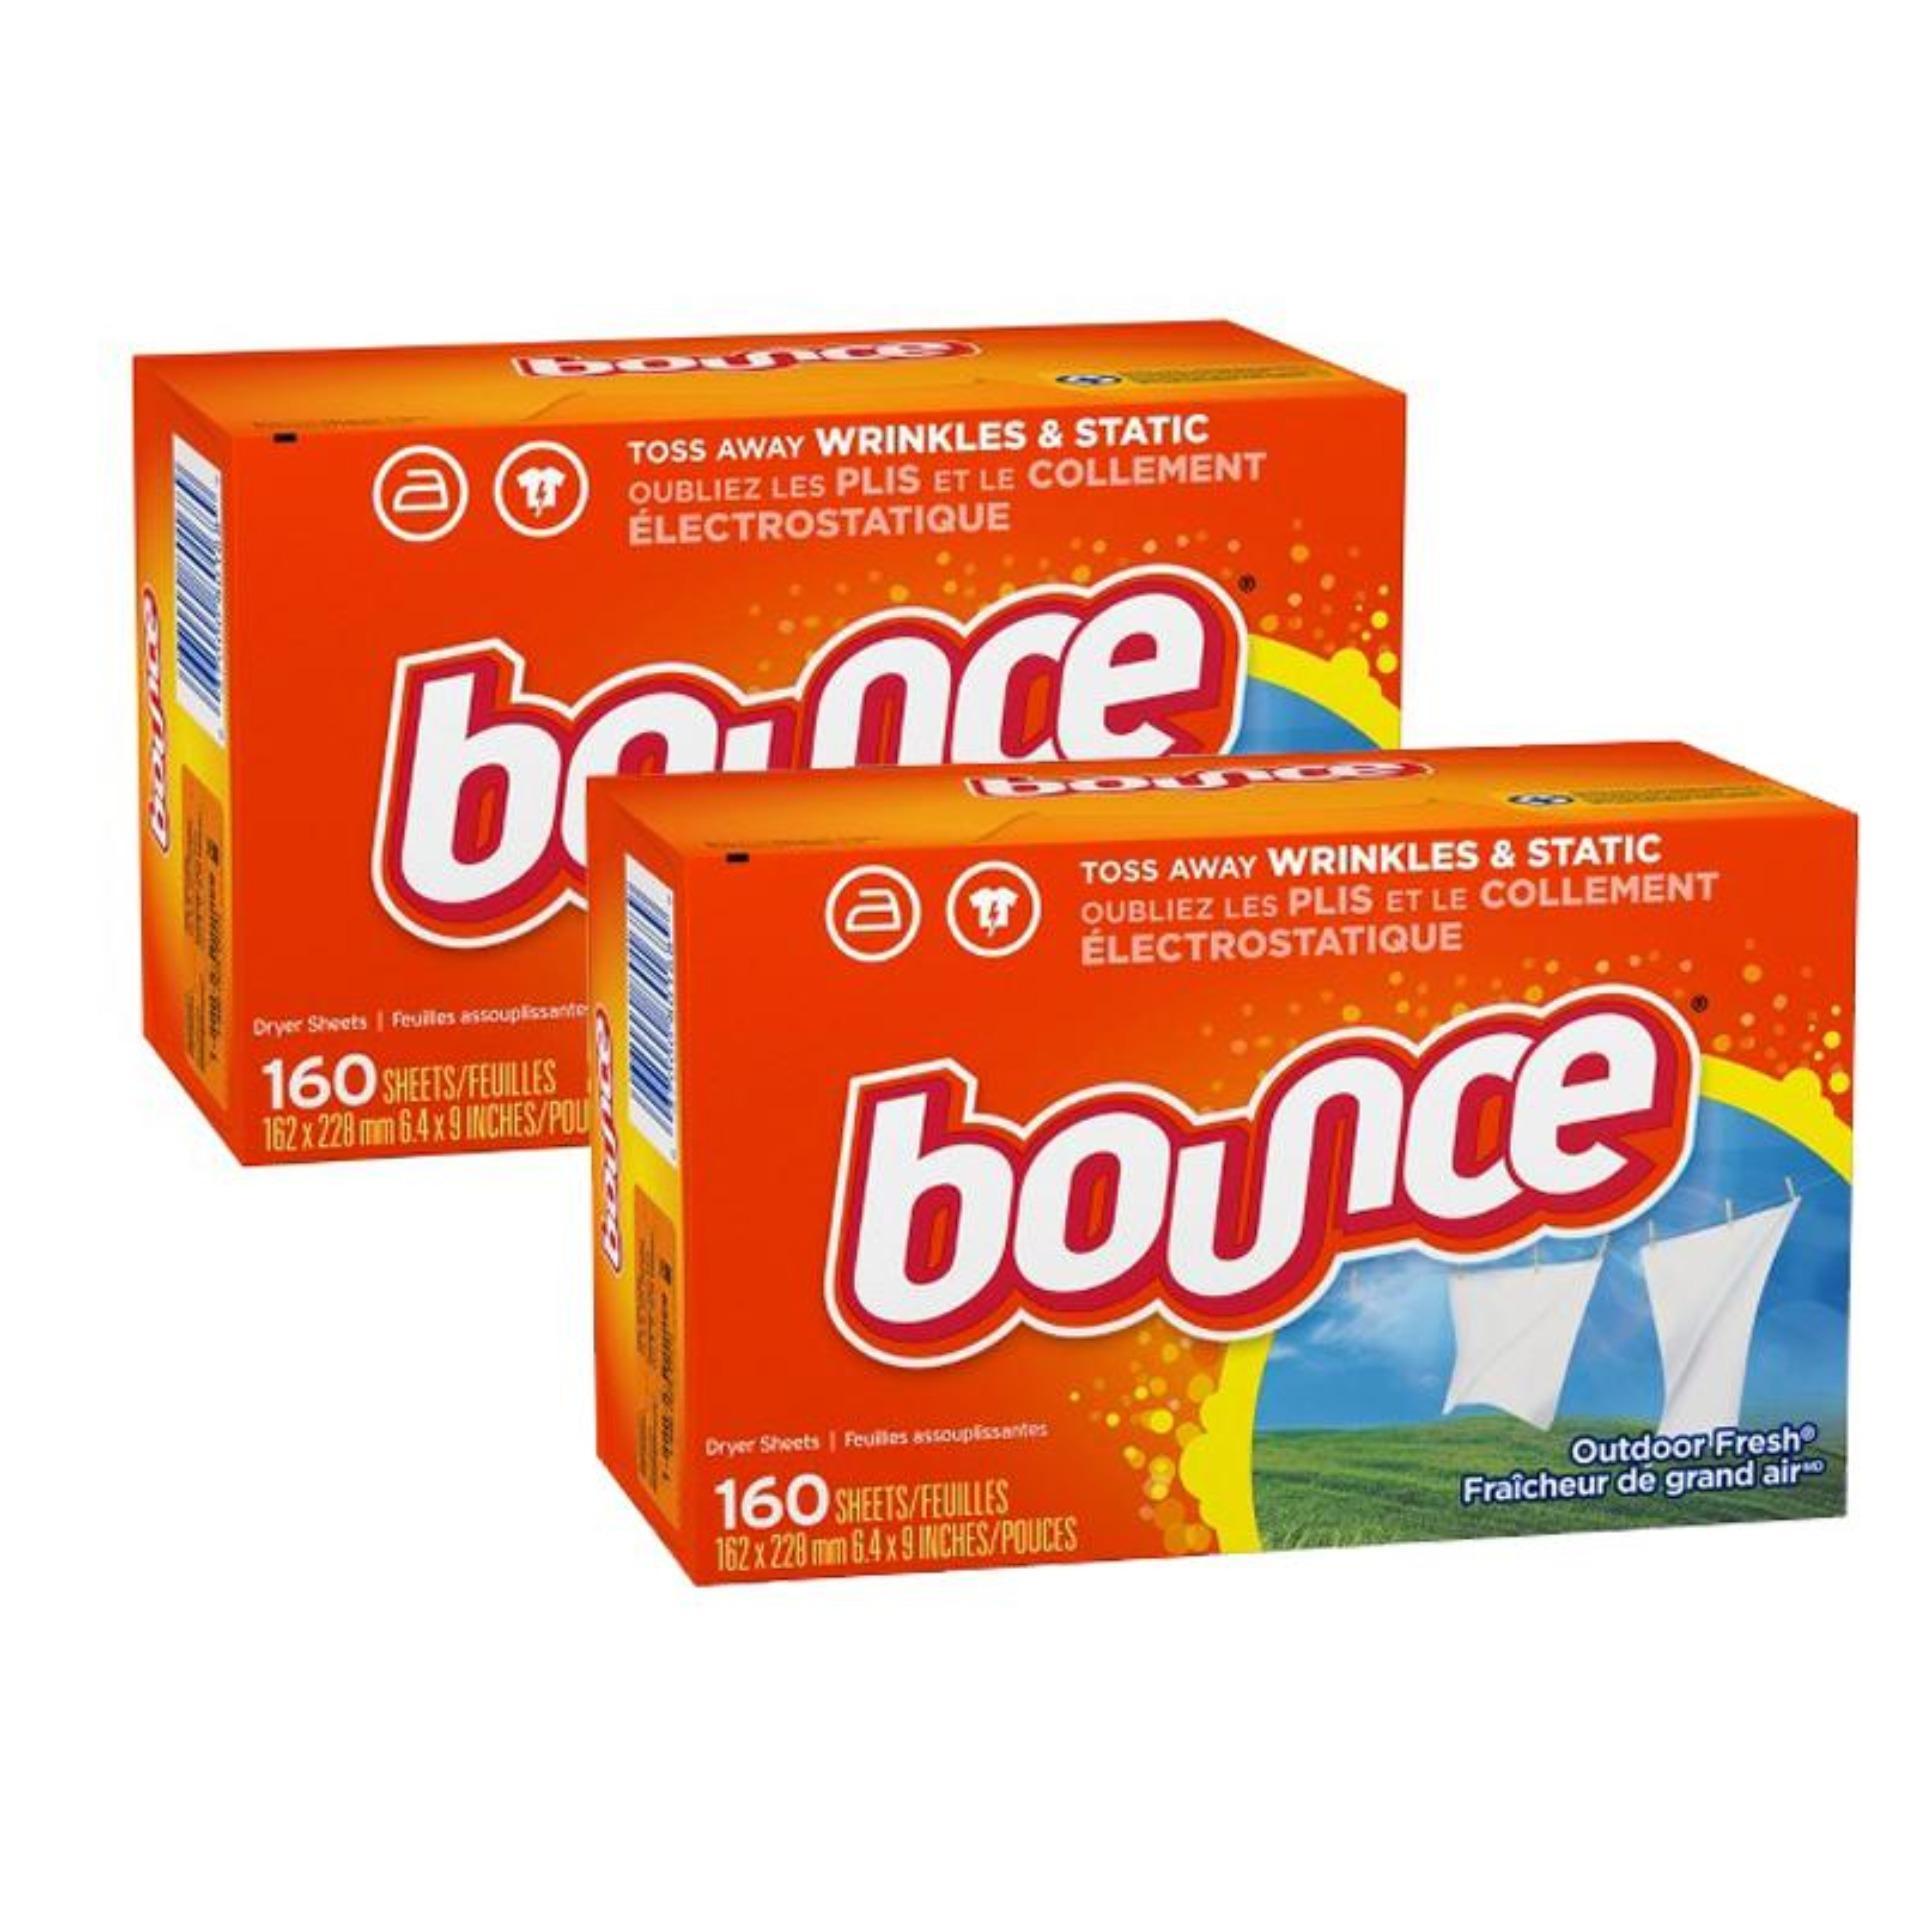 Bộ 2 Giấy Thơm Quần áo Bounce Outdoor Fresh 160 Tờ X2 Khuyến Mãi Sốc